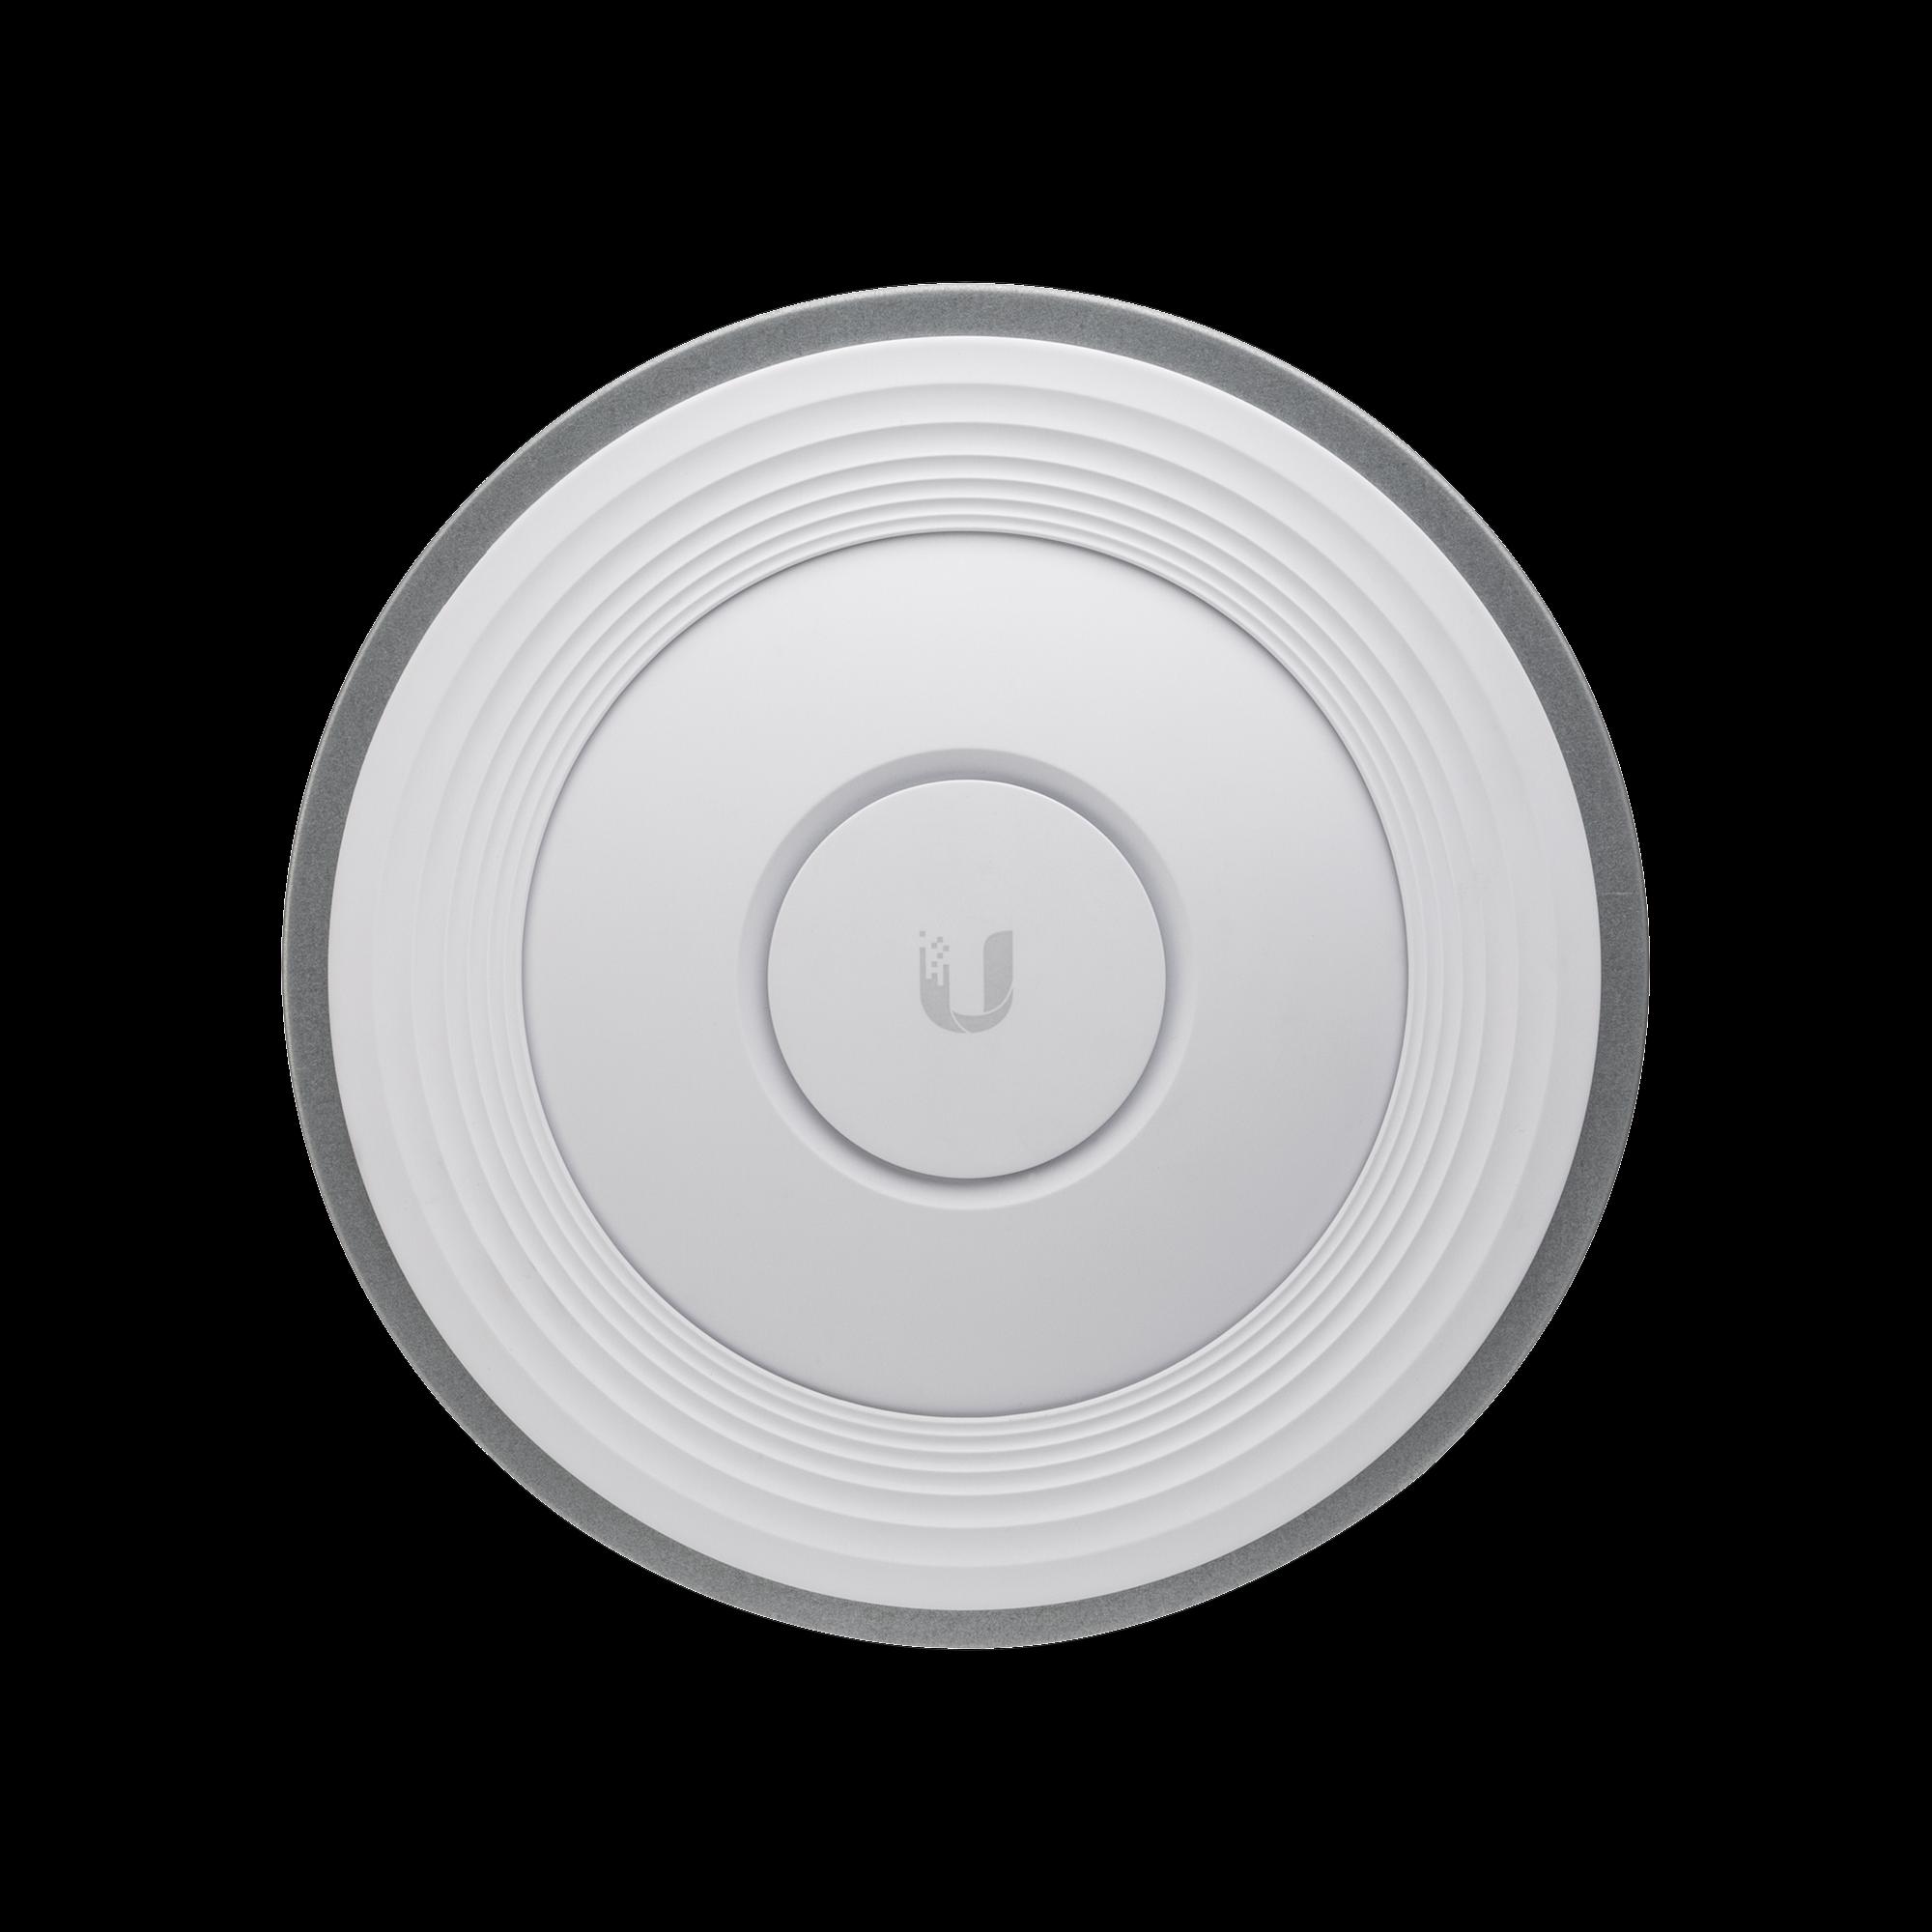 Montaje para instalar UAP-NANOHD en falso plafón para bajo perfil, paquete de 3 piezas